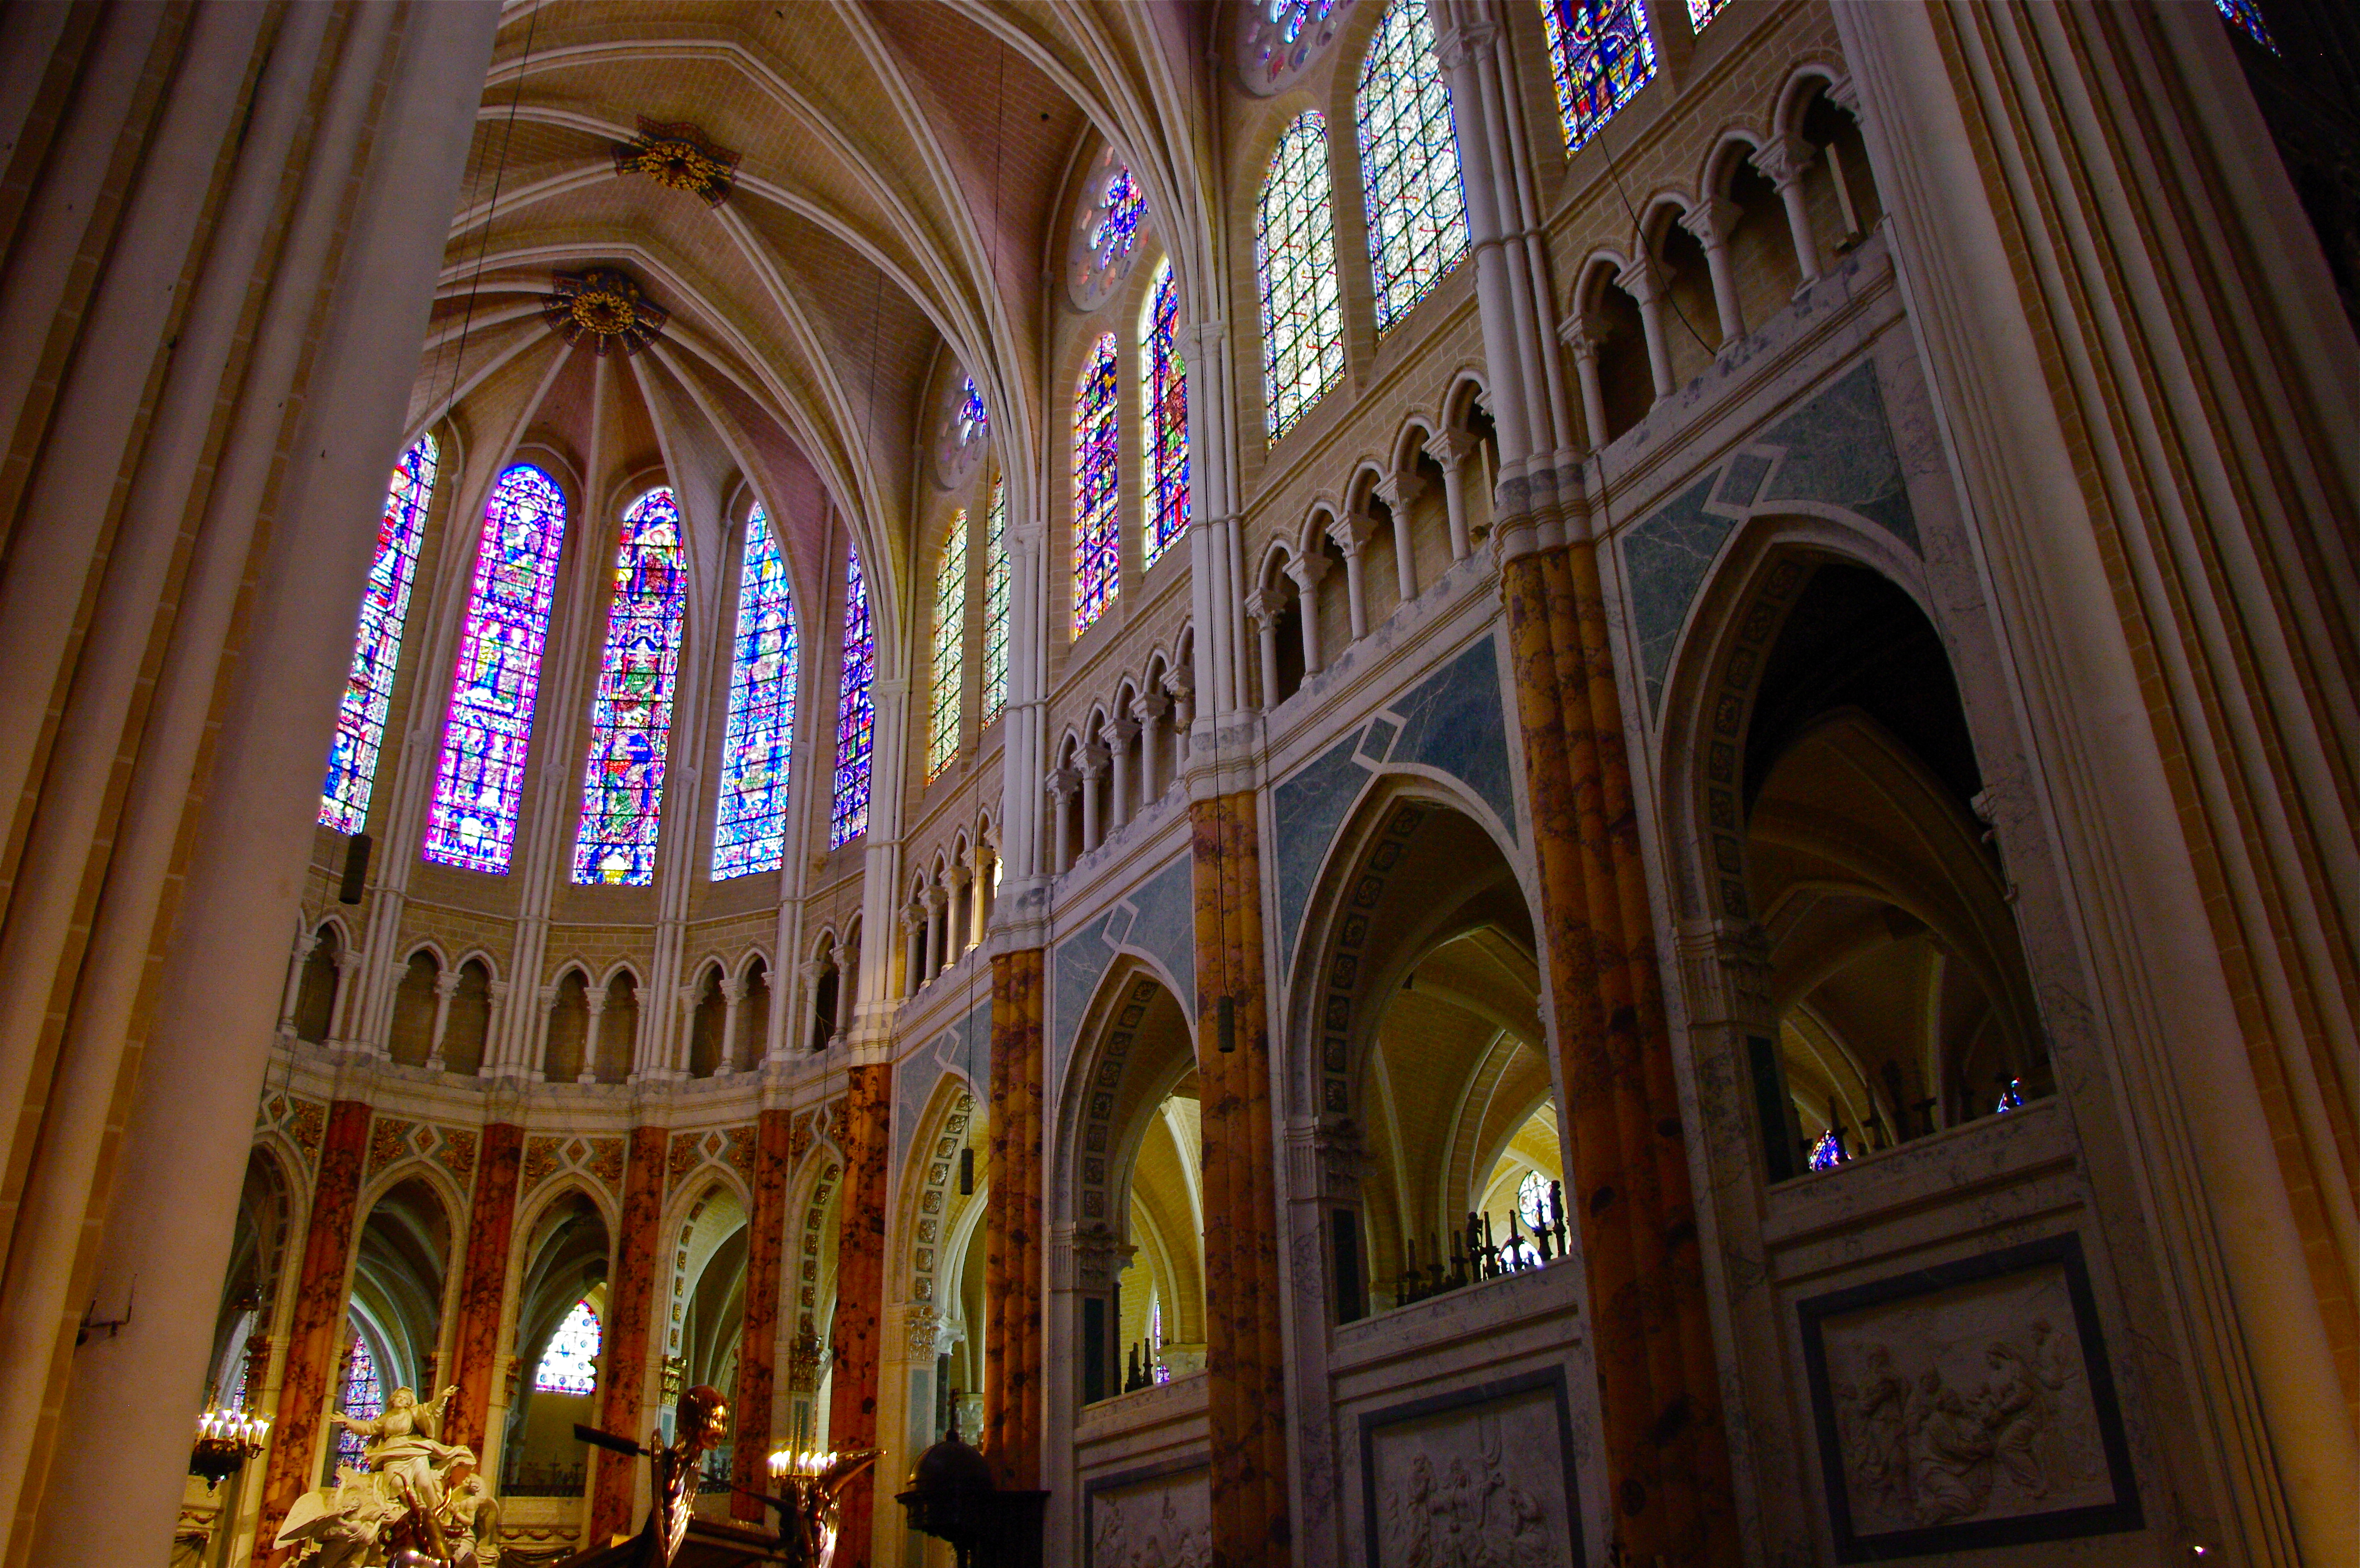 Es difícil decidir cuál de las maravillas de Chartres es más imponente. Para algunos, son sus vitrales, casi todos ellos originales del siglo XIII. Para otros, la reliquia de la Santa Camisa, el velo de la Virgen María, que la catedral atesora desde el siglo IX.